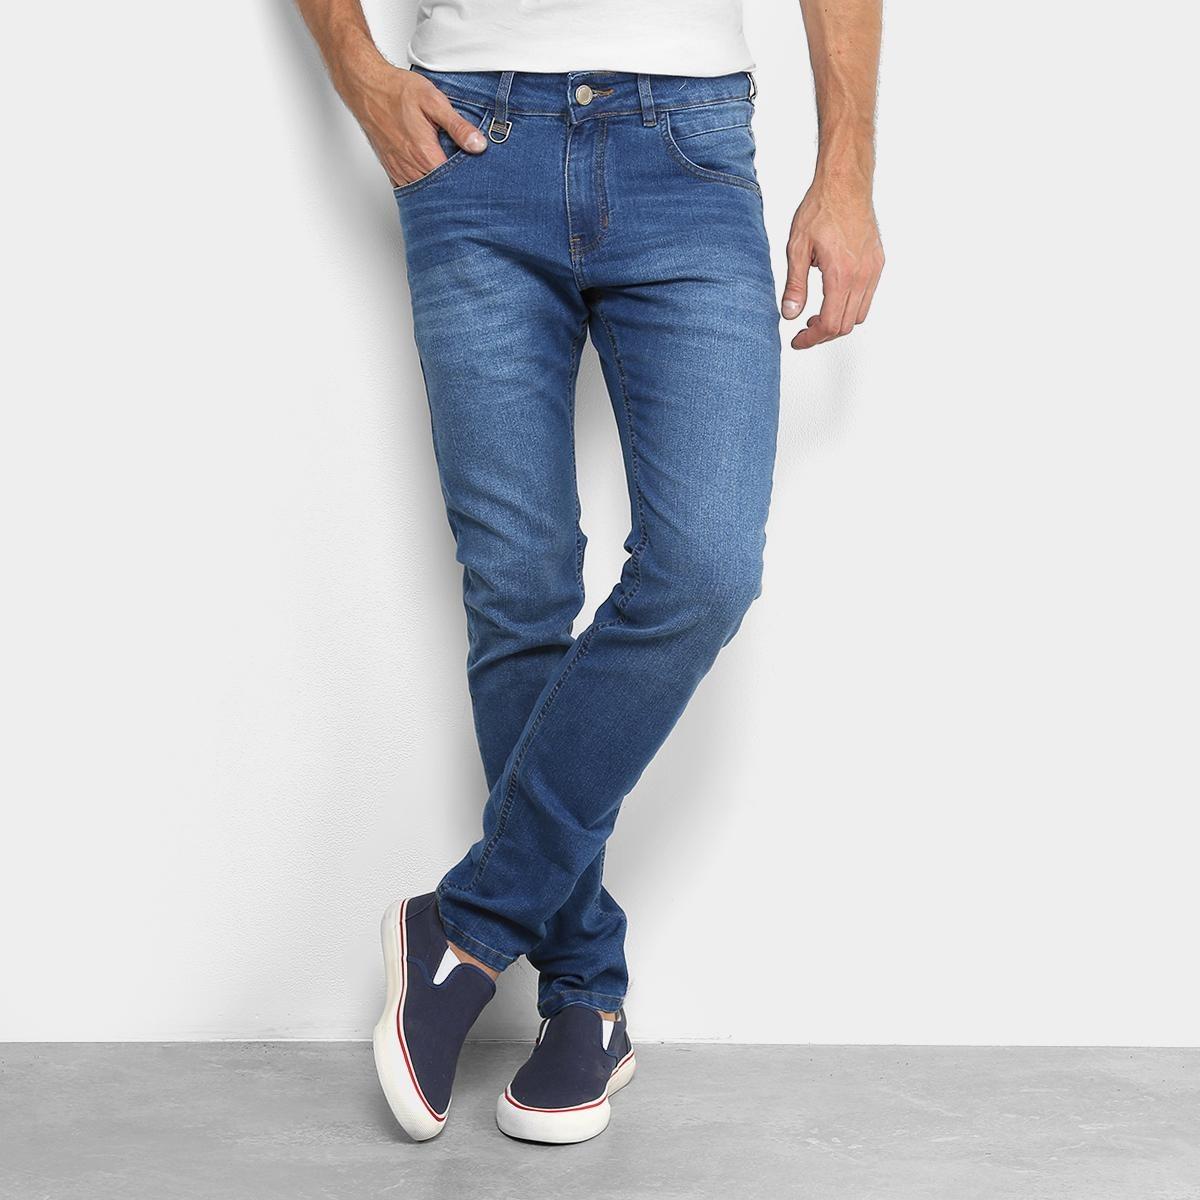 2ead6554b Calça Jeans Skinny Rock & Soda Masculina - R$ 99,99 em Mercado Livre